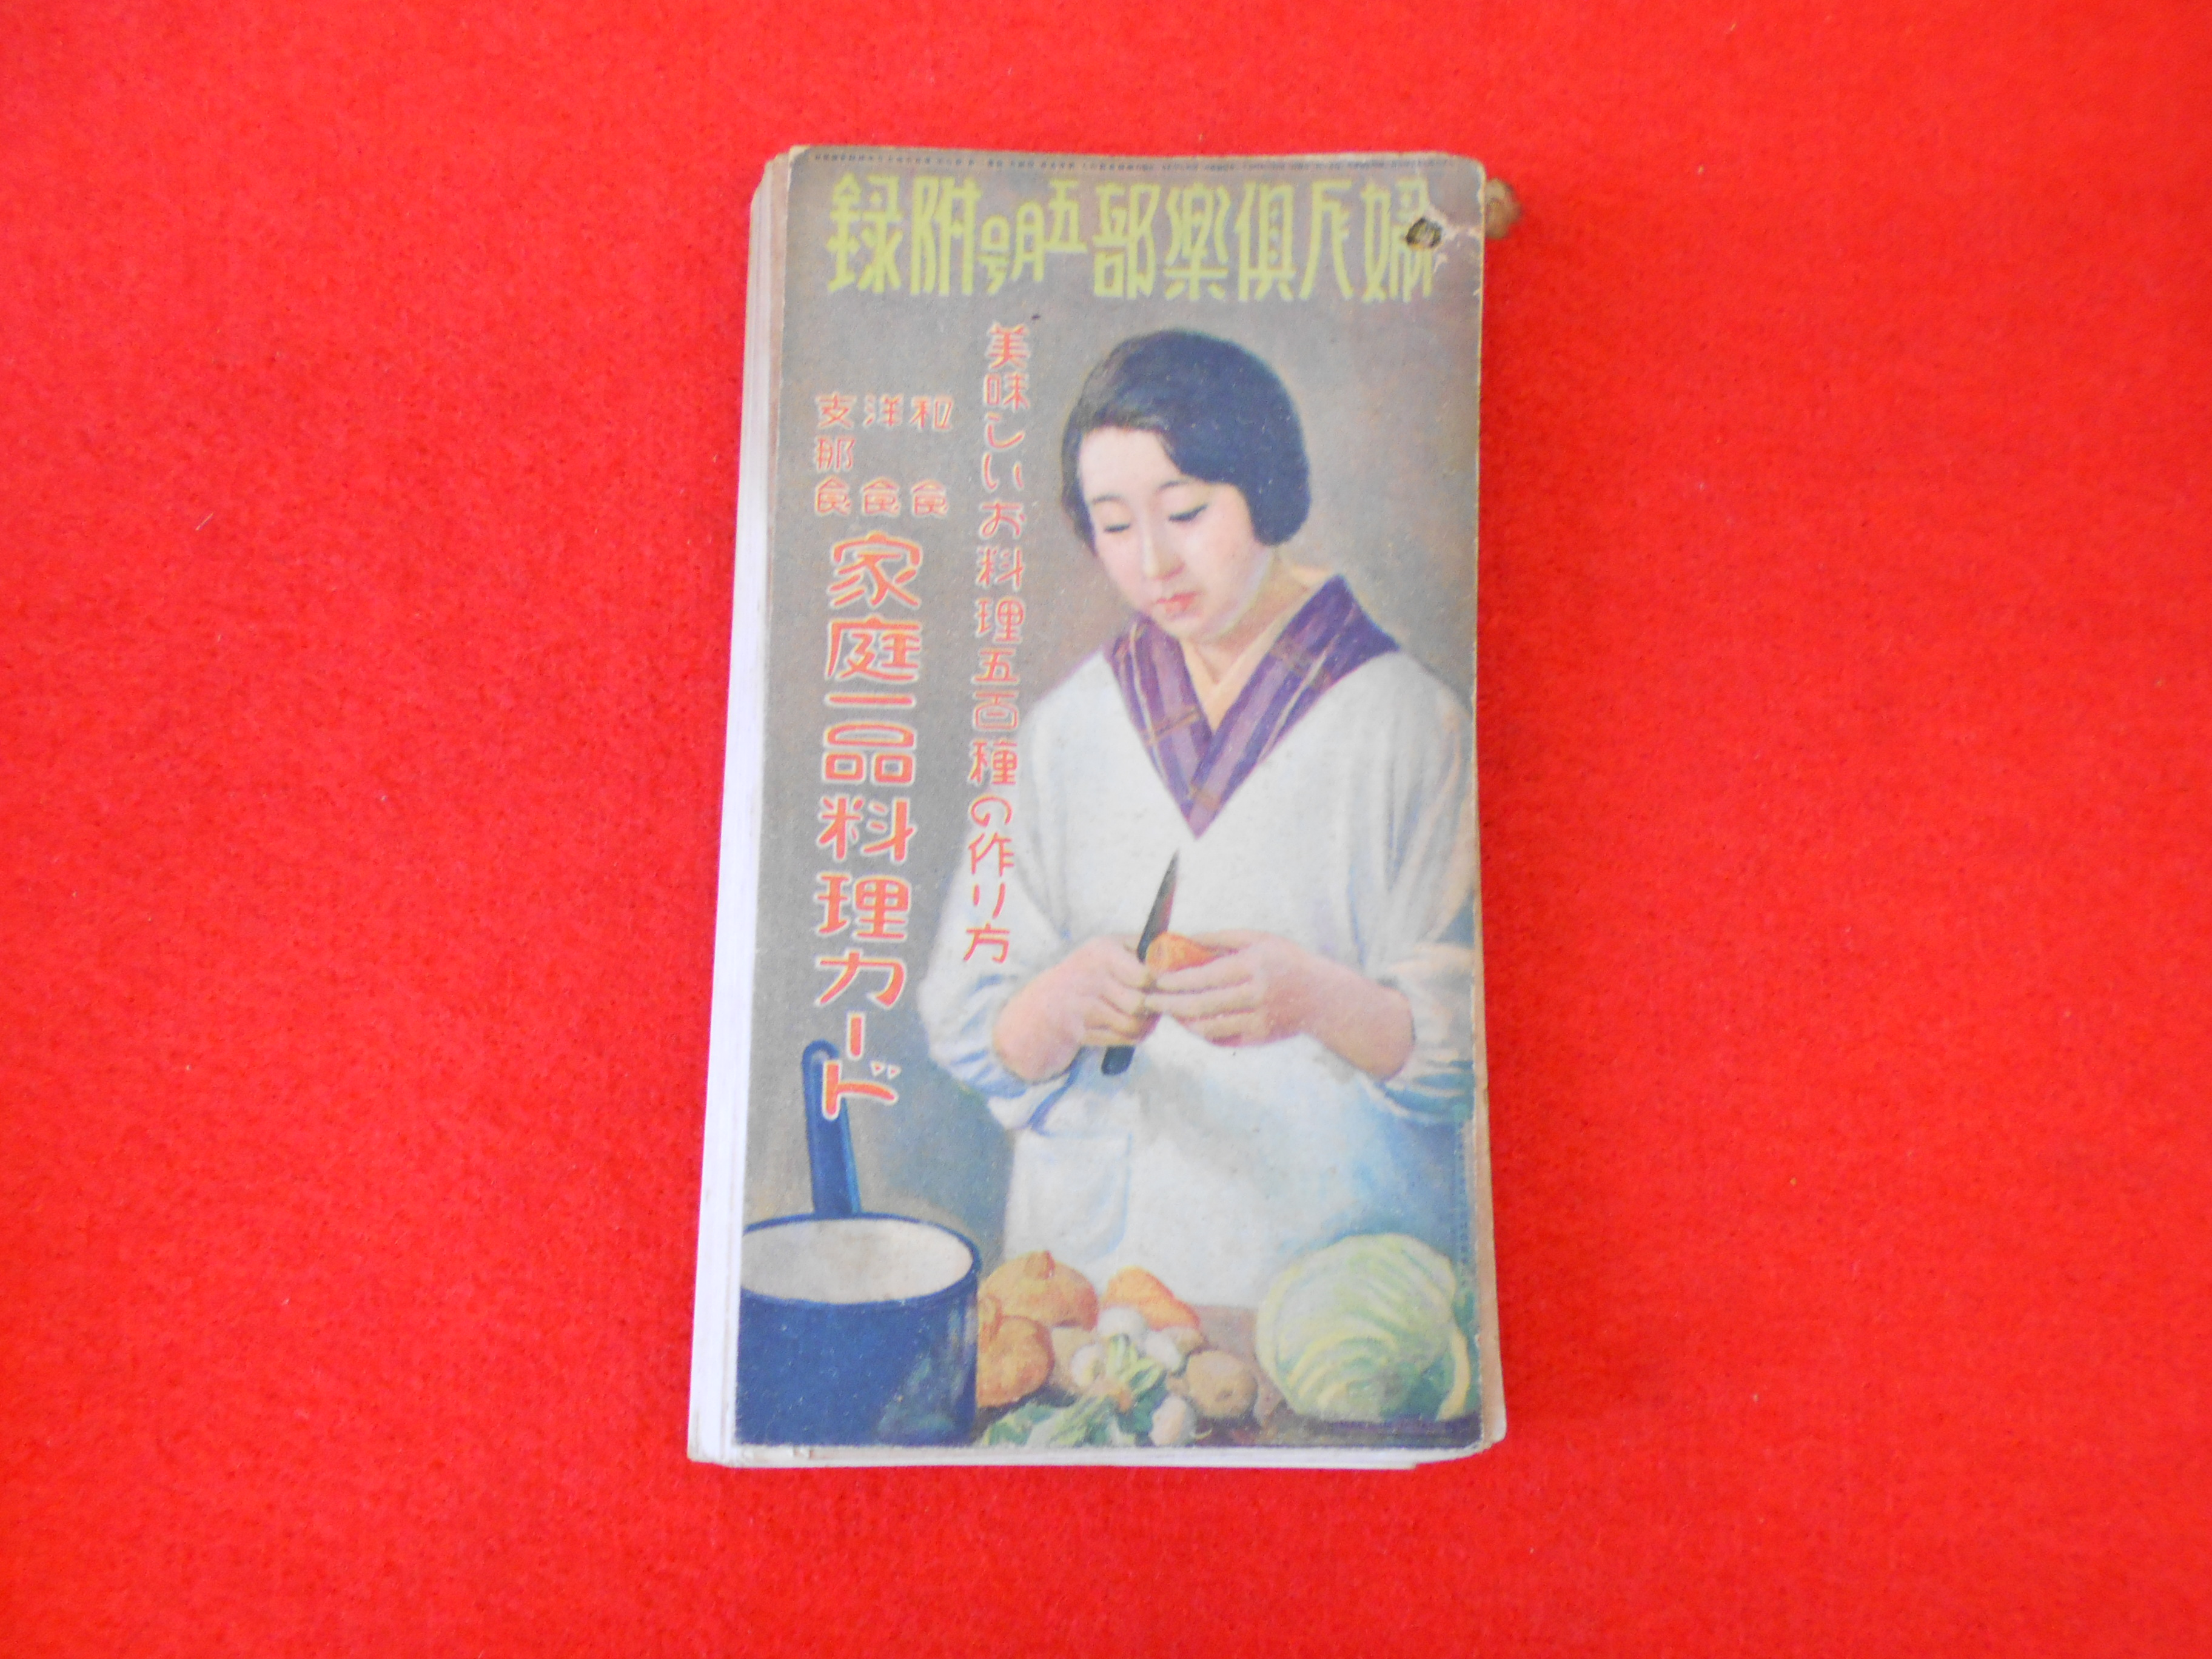 【婦人倶楽部五月号附録 家庭一品料理カード】紙モノ買取は小川書店への画像